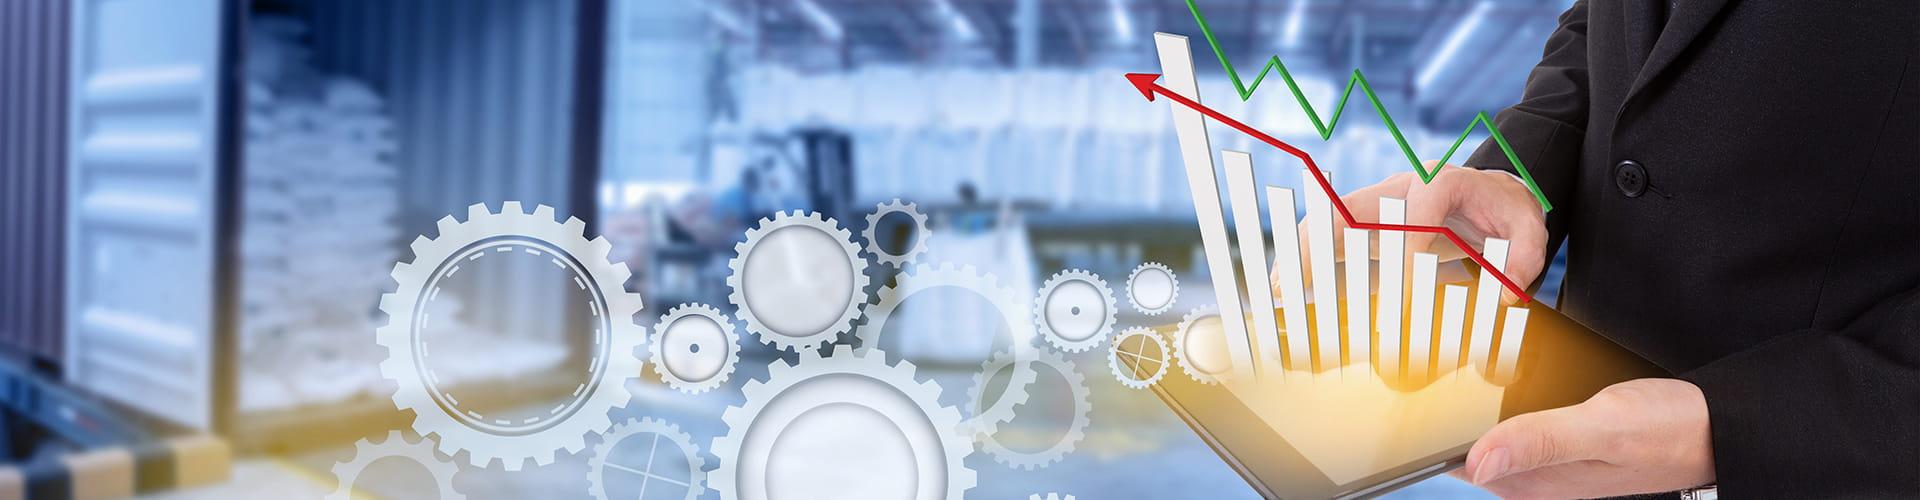 倉庫管理システム(WMS)   MOVE    PTC